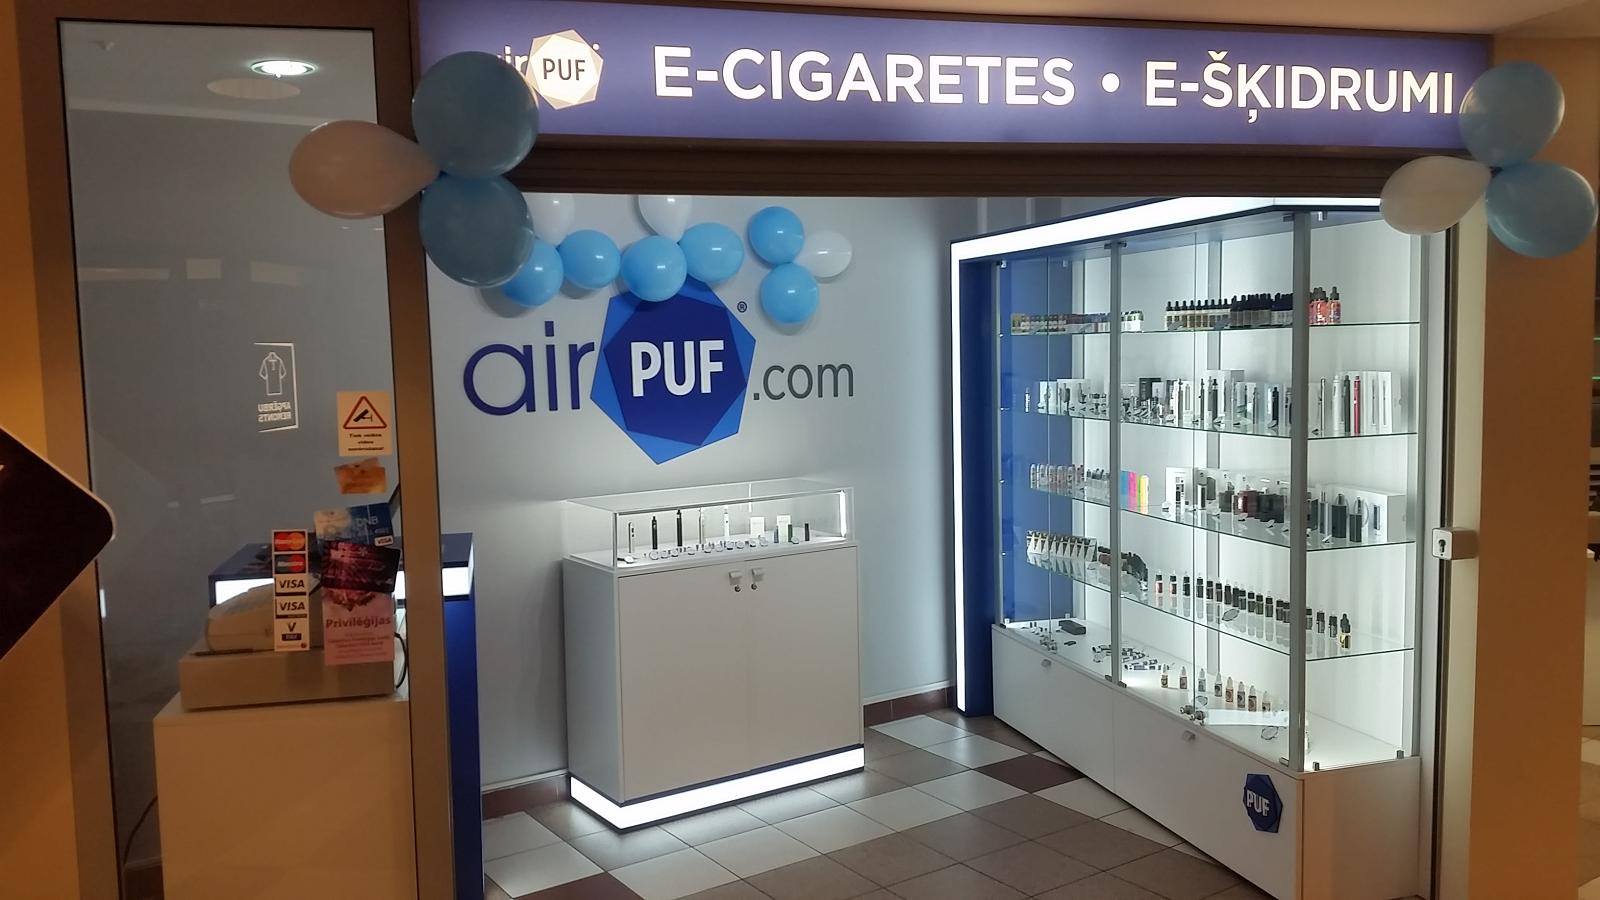 e-cigaretes mols, e-šķidrumi mols, elektroniskās cigaretes, tc mols, airpuf